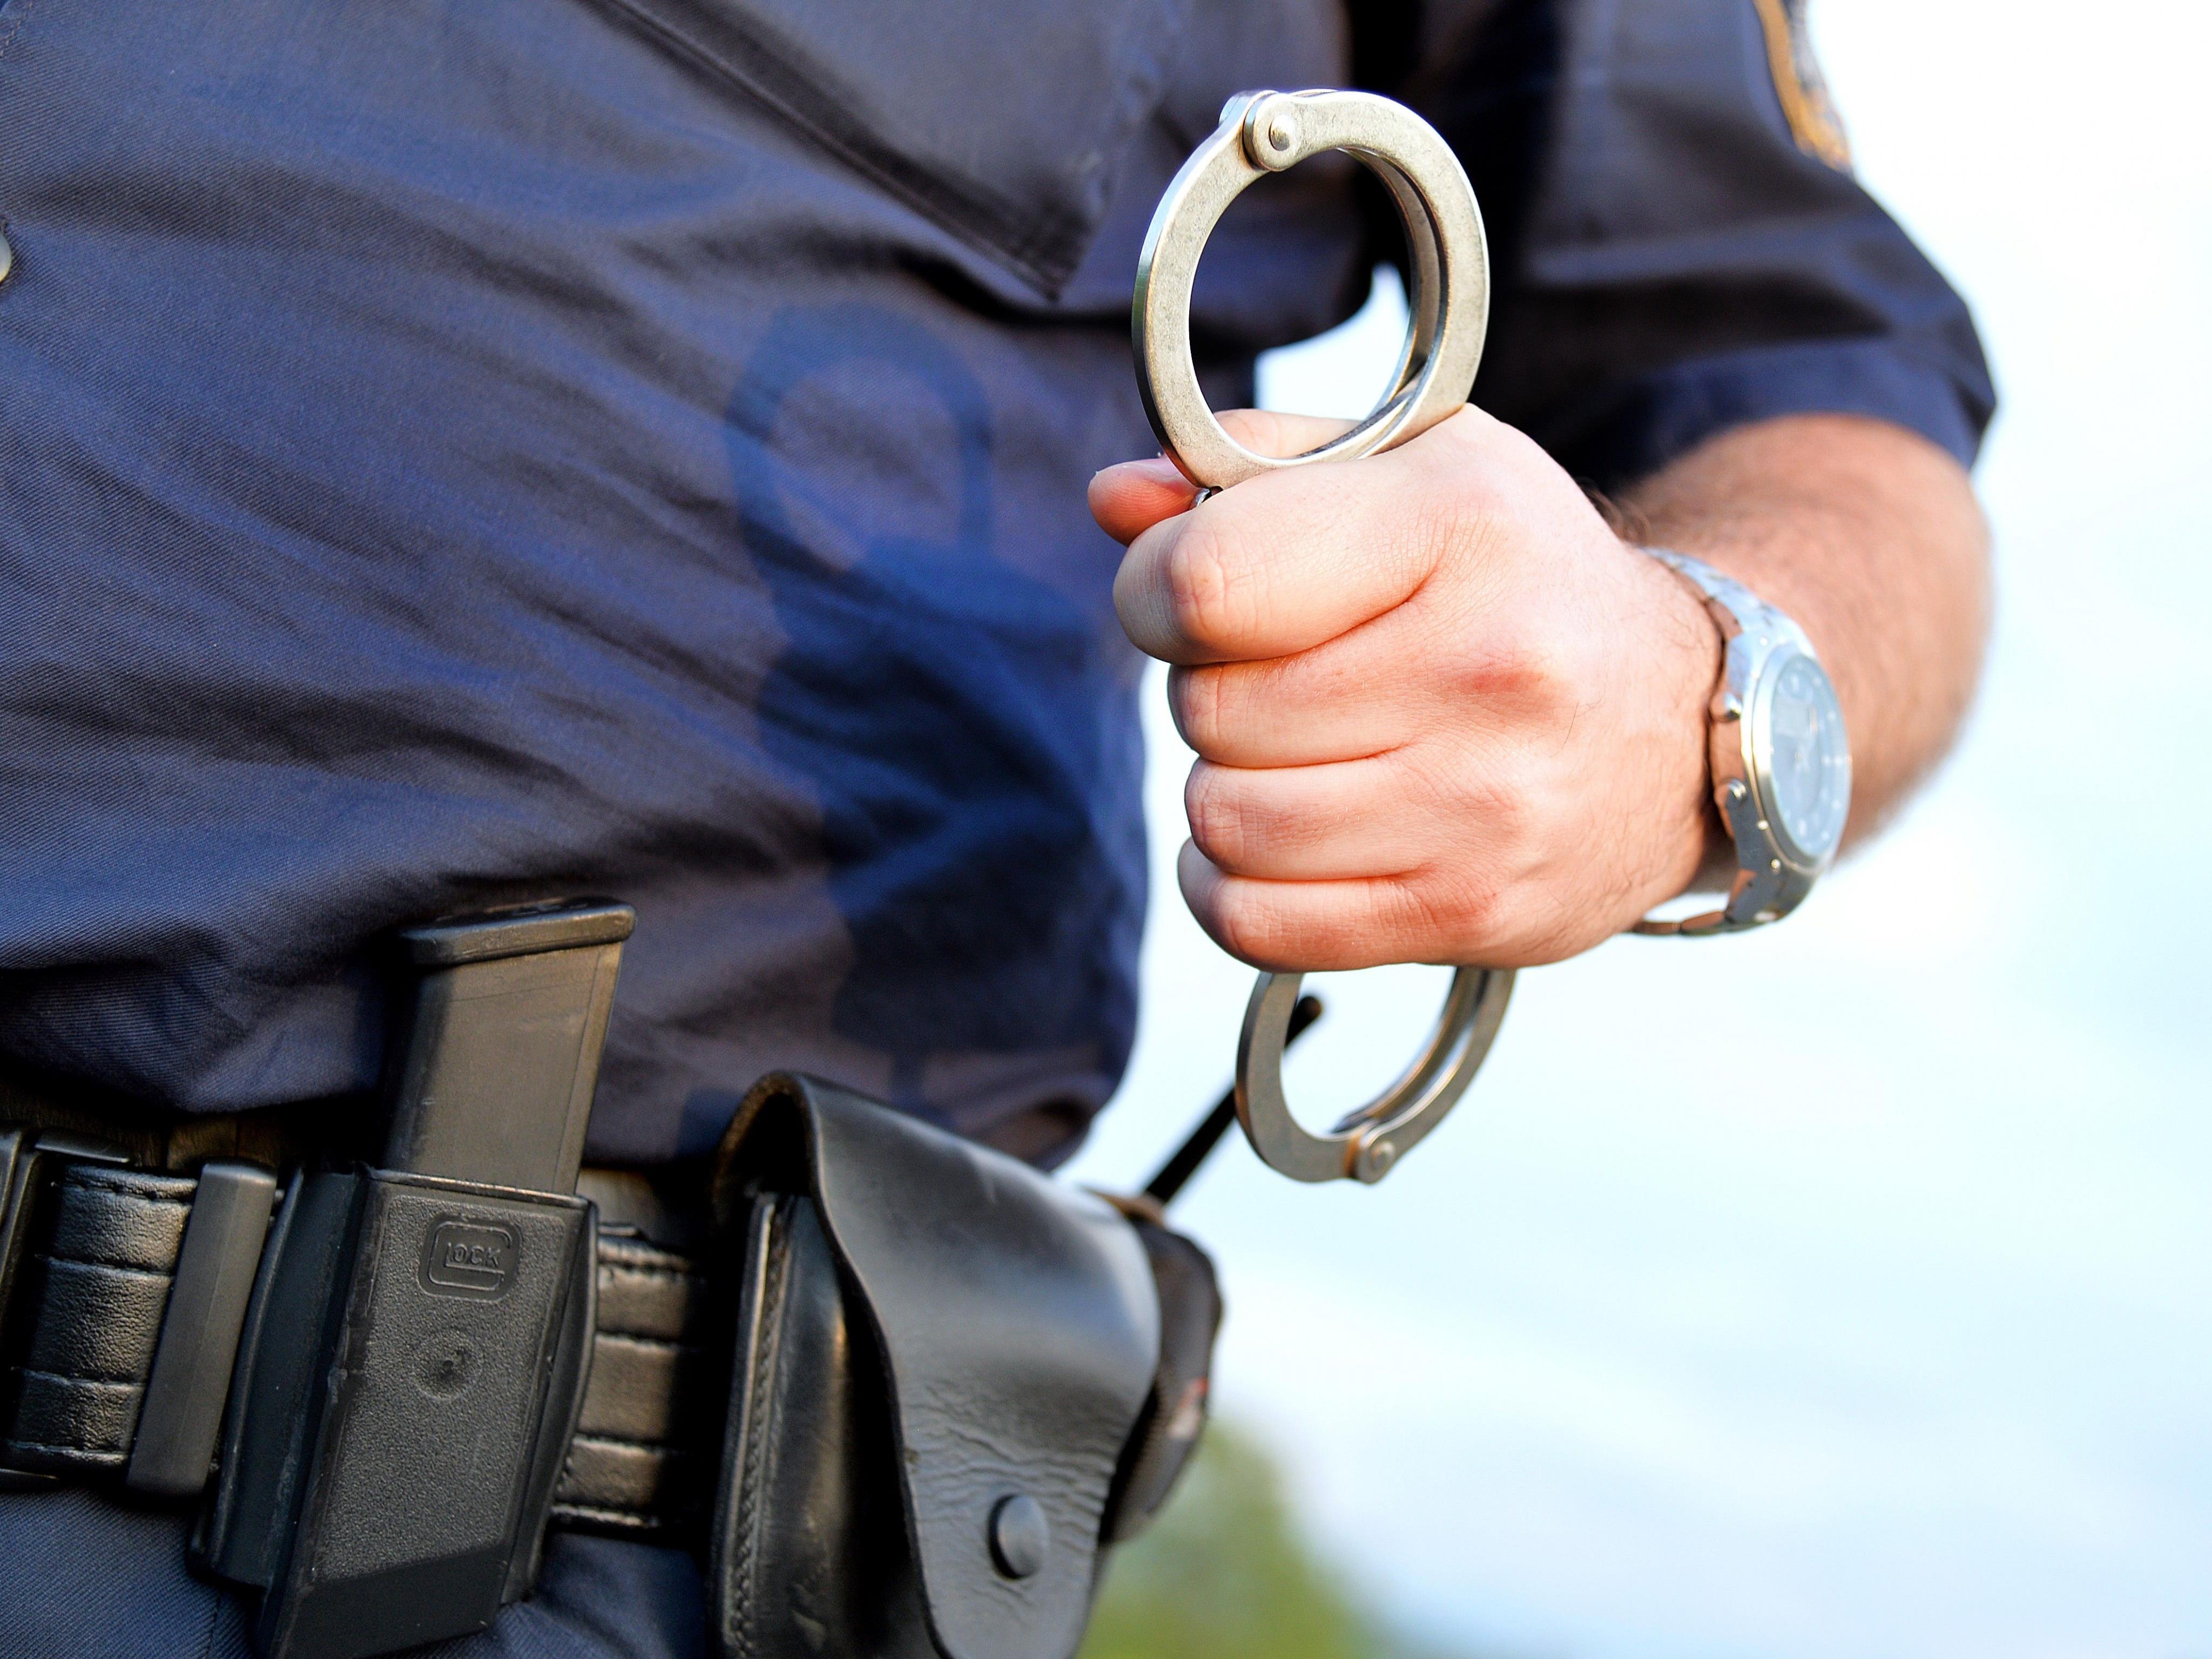 Ein mutmaßlicher Dealer wurde verhaftet